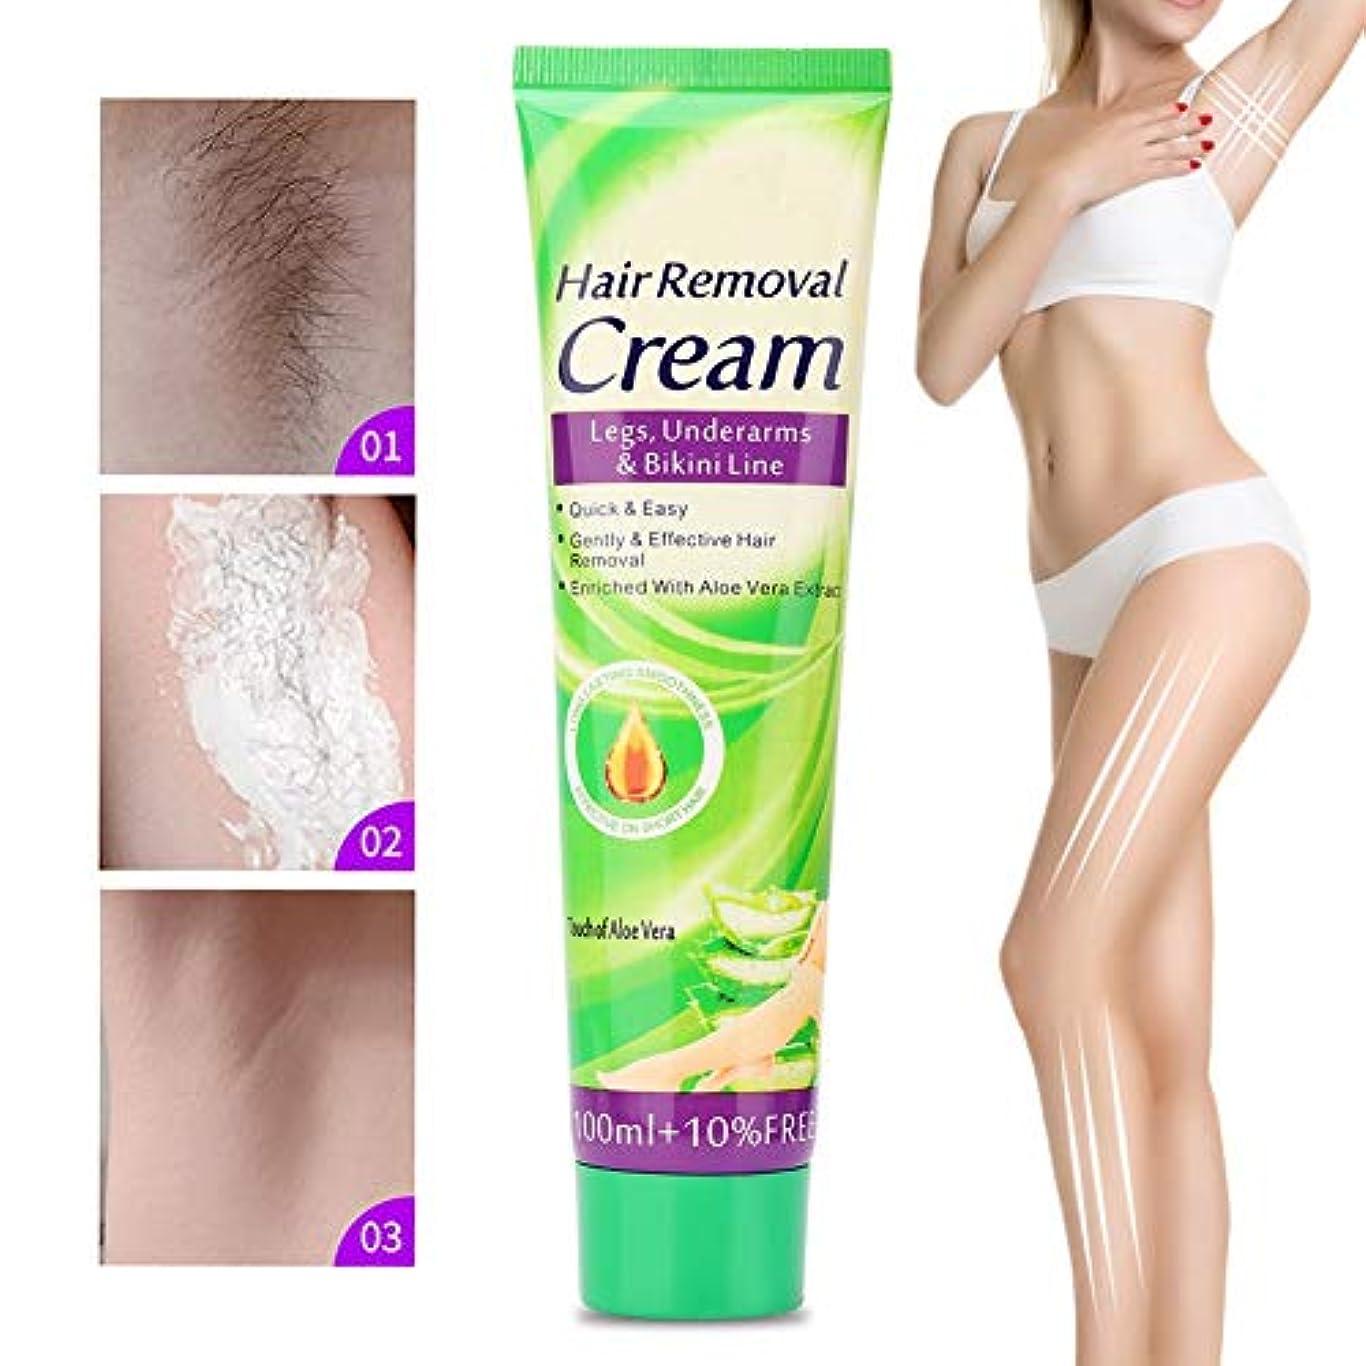 スクワイア突進周囲110ml脱毛クリーム、痛みのない安全でプレミアムソフトな脱毛クリーム男性と女性が脚の腕の下で使用するのに便利